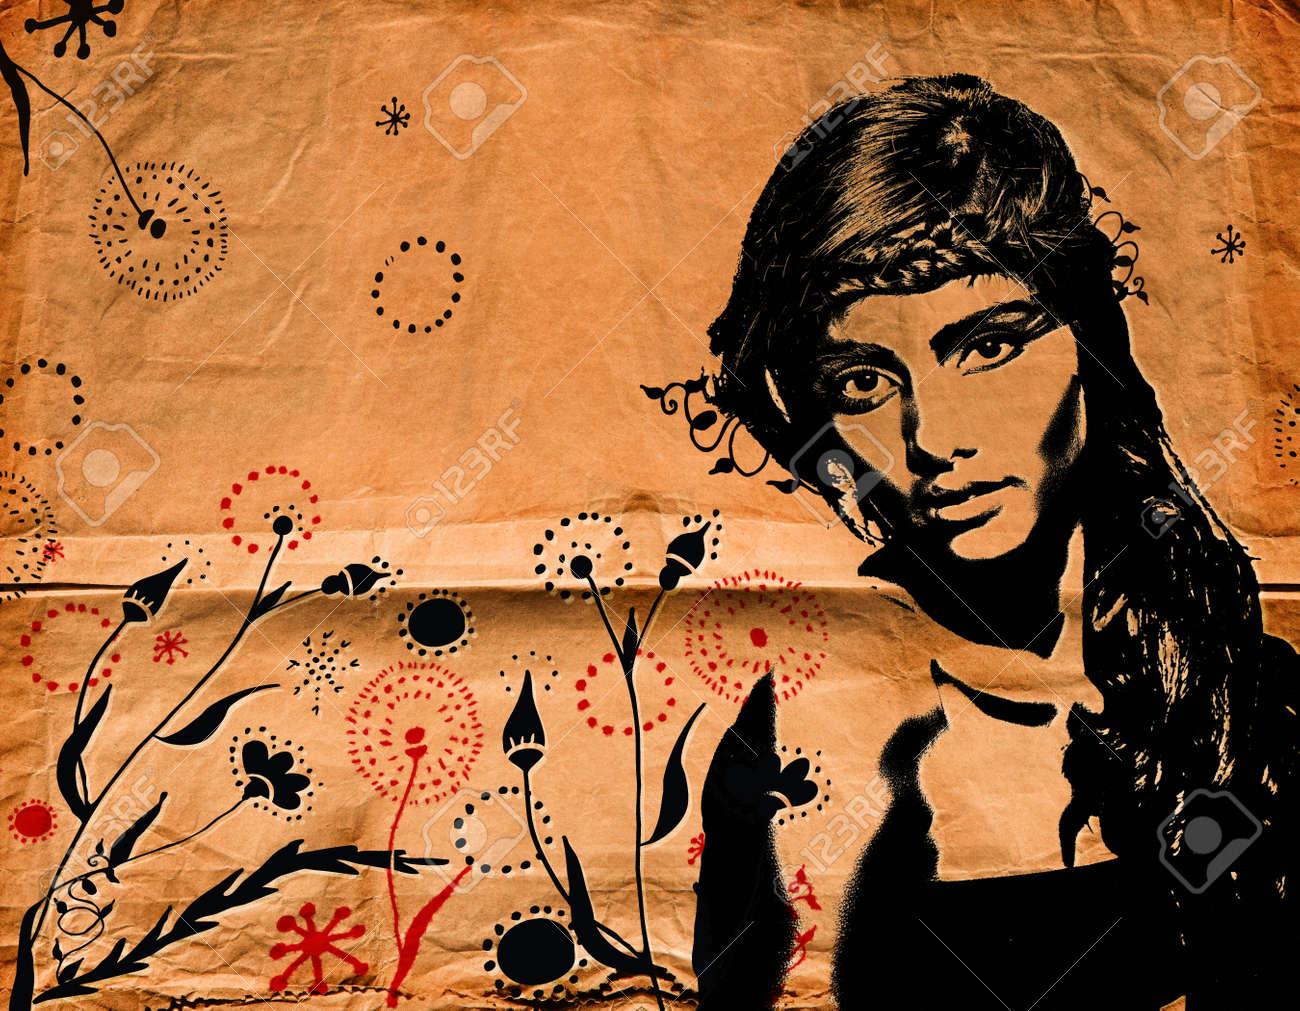 Graffiti Mode Illustratie Van Een Mooie Vrouw Met Lang Haar Op ...